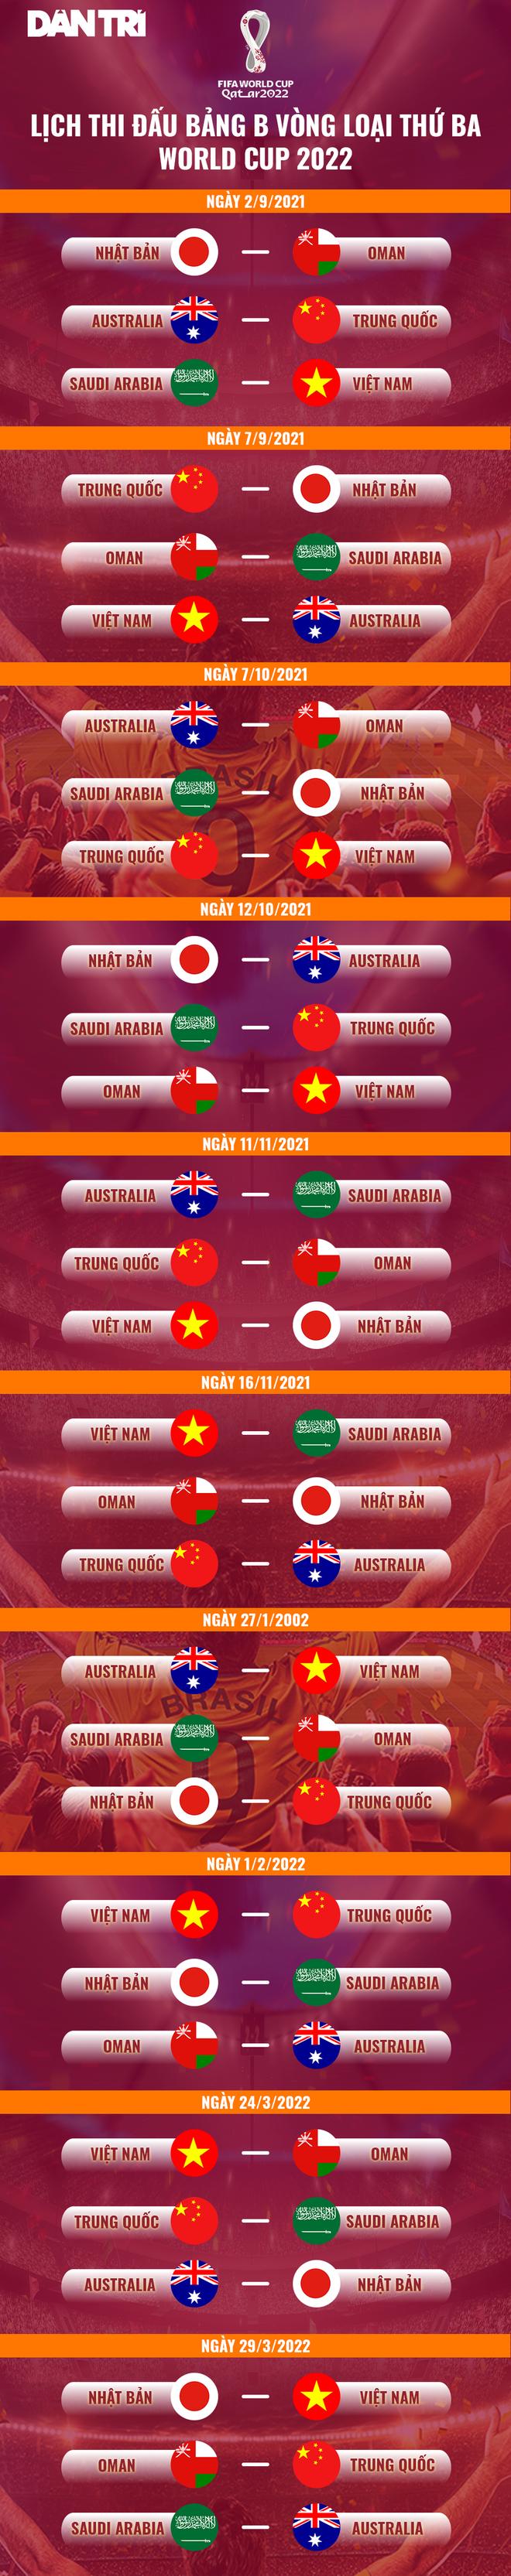 HLV đội tuyển Nhật Bản e ngại sức mạnh của Trung Quốc - 3